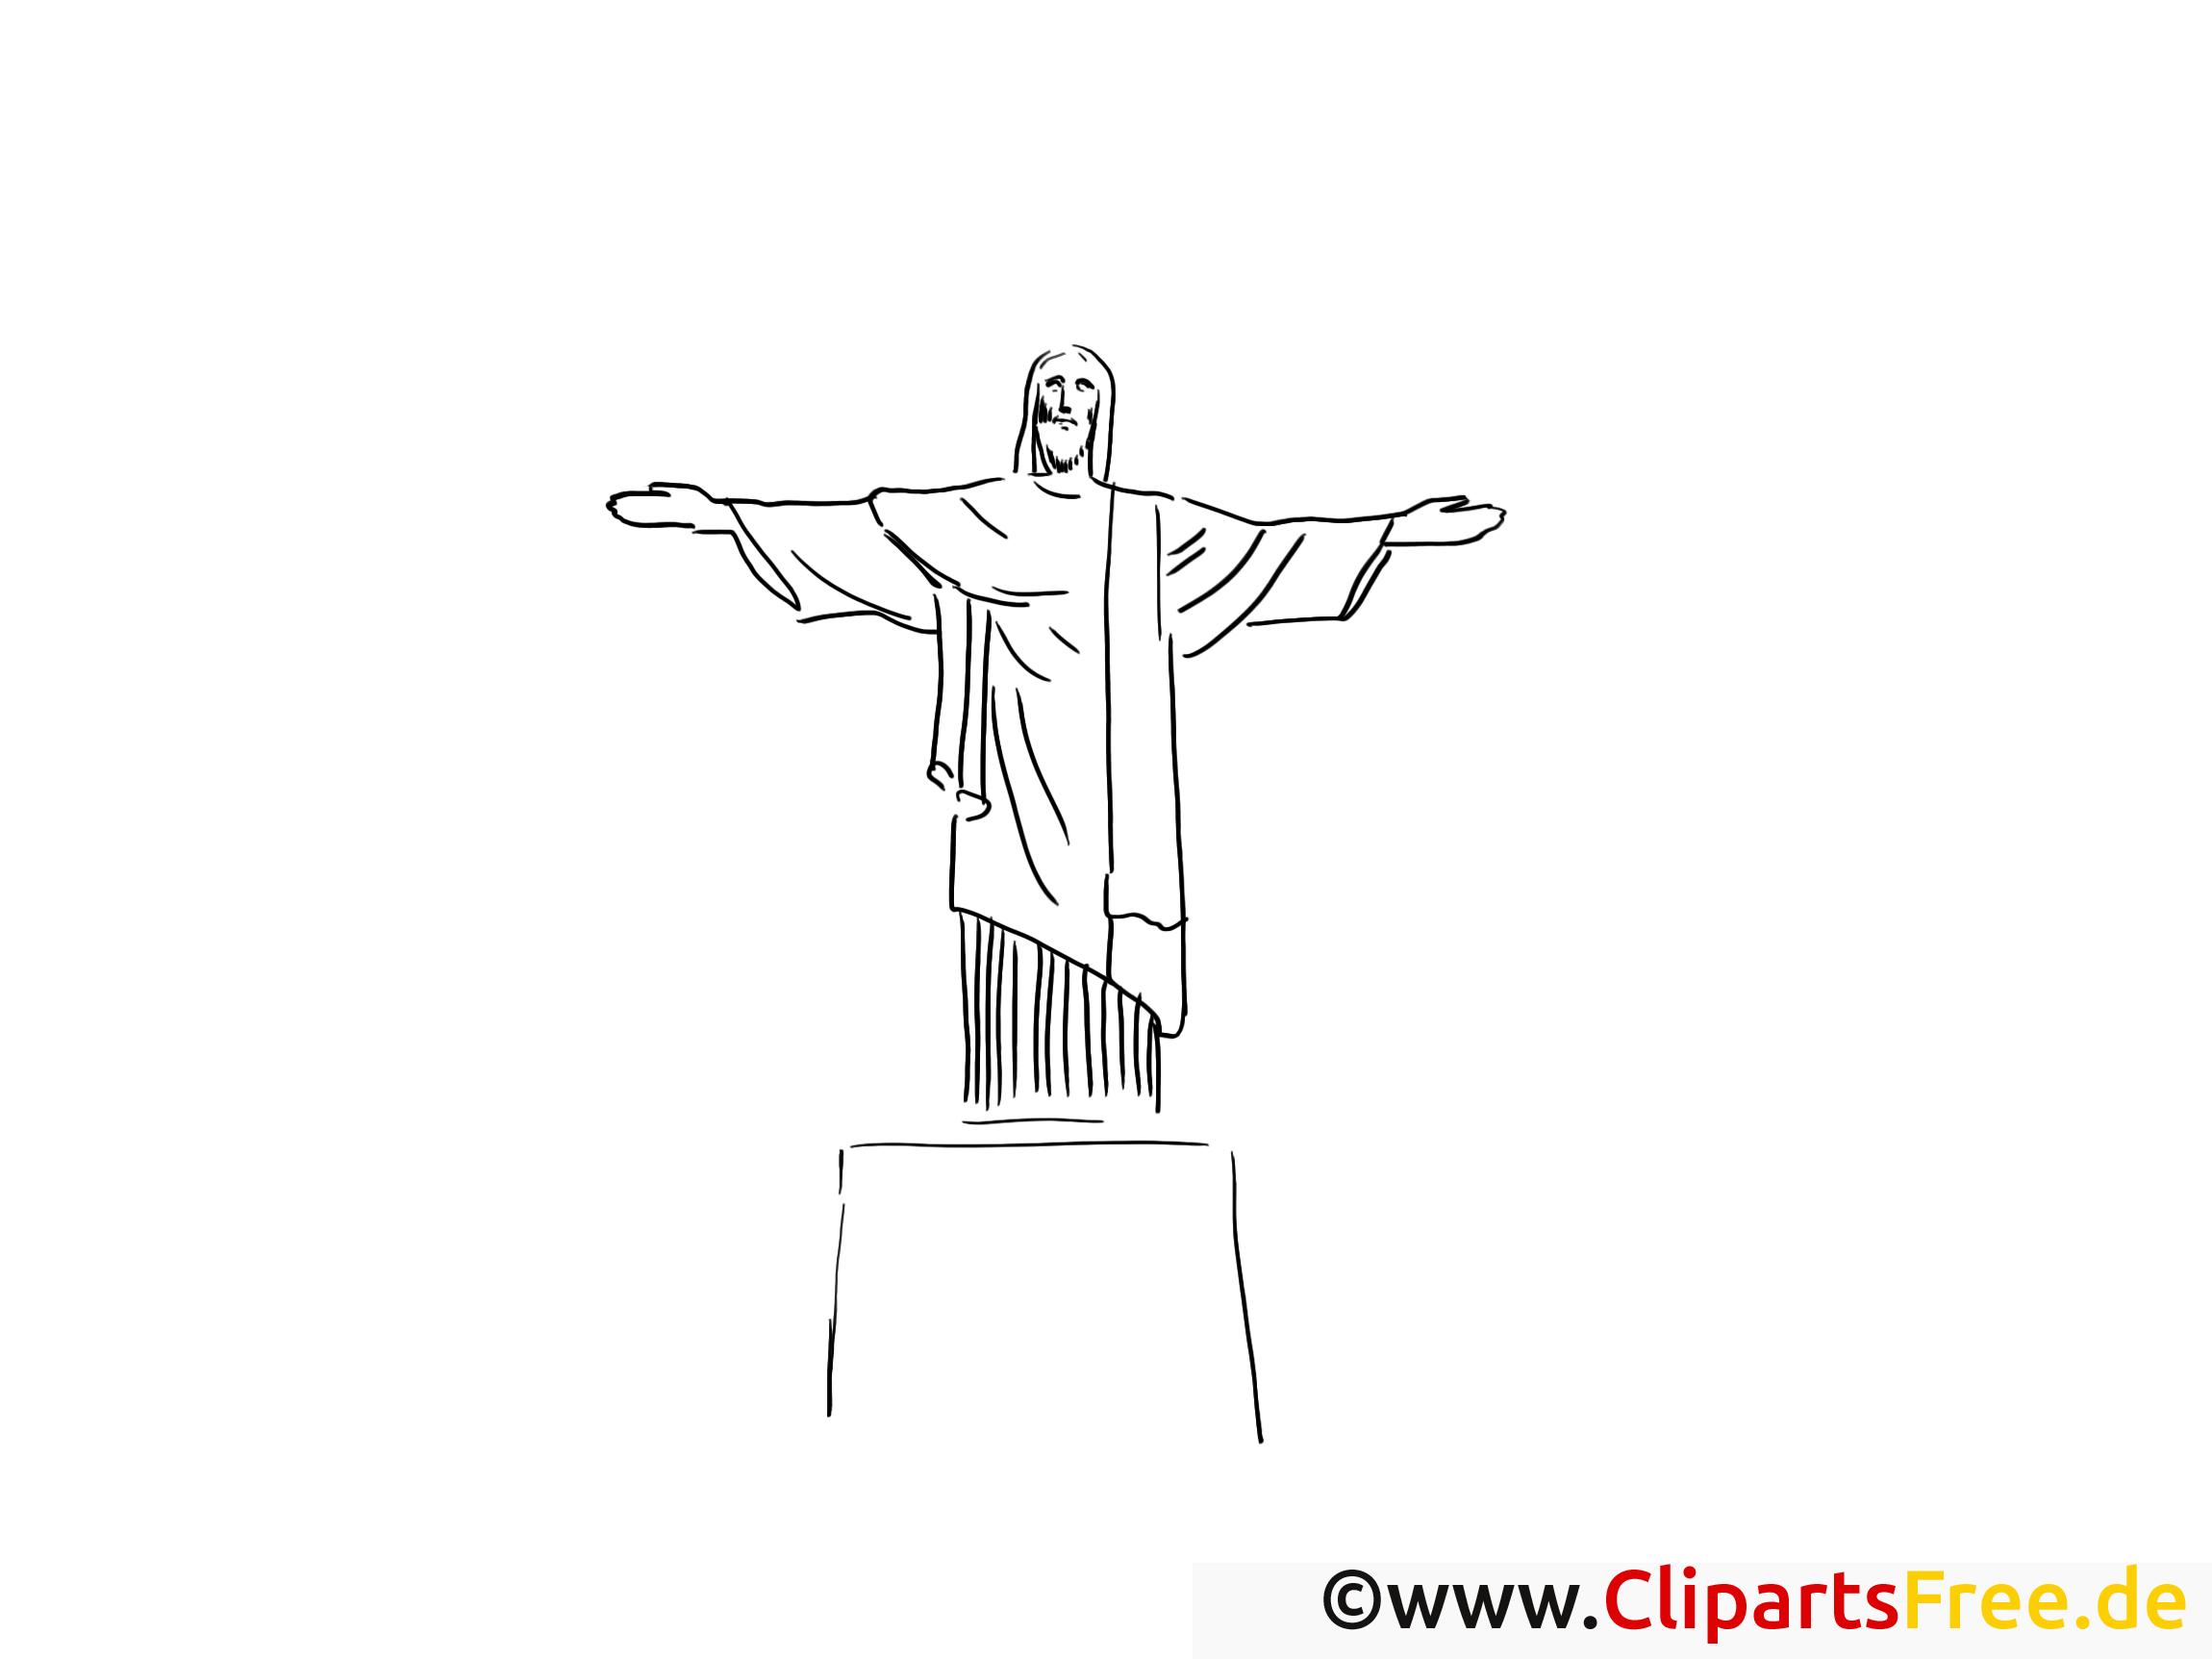 Dessin Christ Redempteur christ rédempteur dessin – voyage à colorier - voyage coloriages